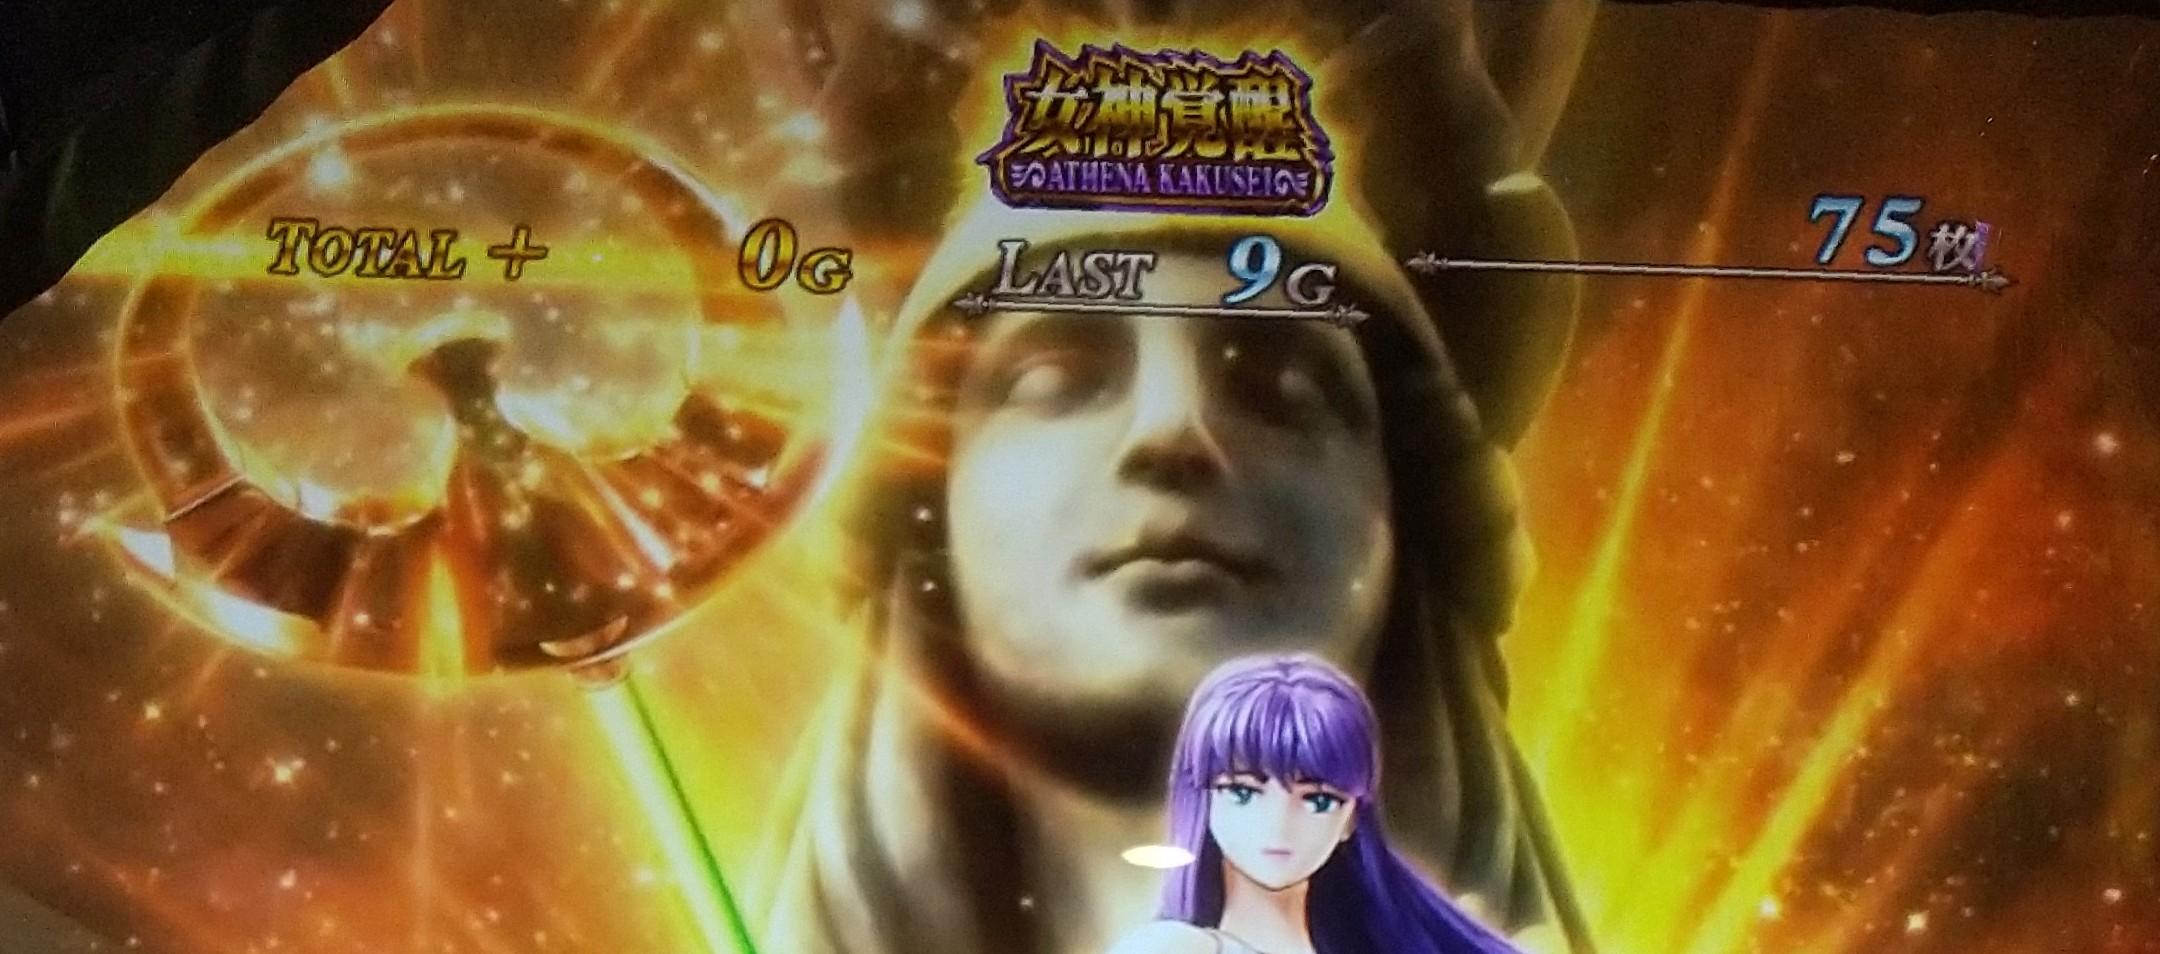 聖闘士星矢海皇覚醒で初の女神覚醒!!衝撃の結果になりました(笑)